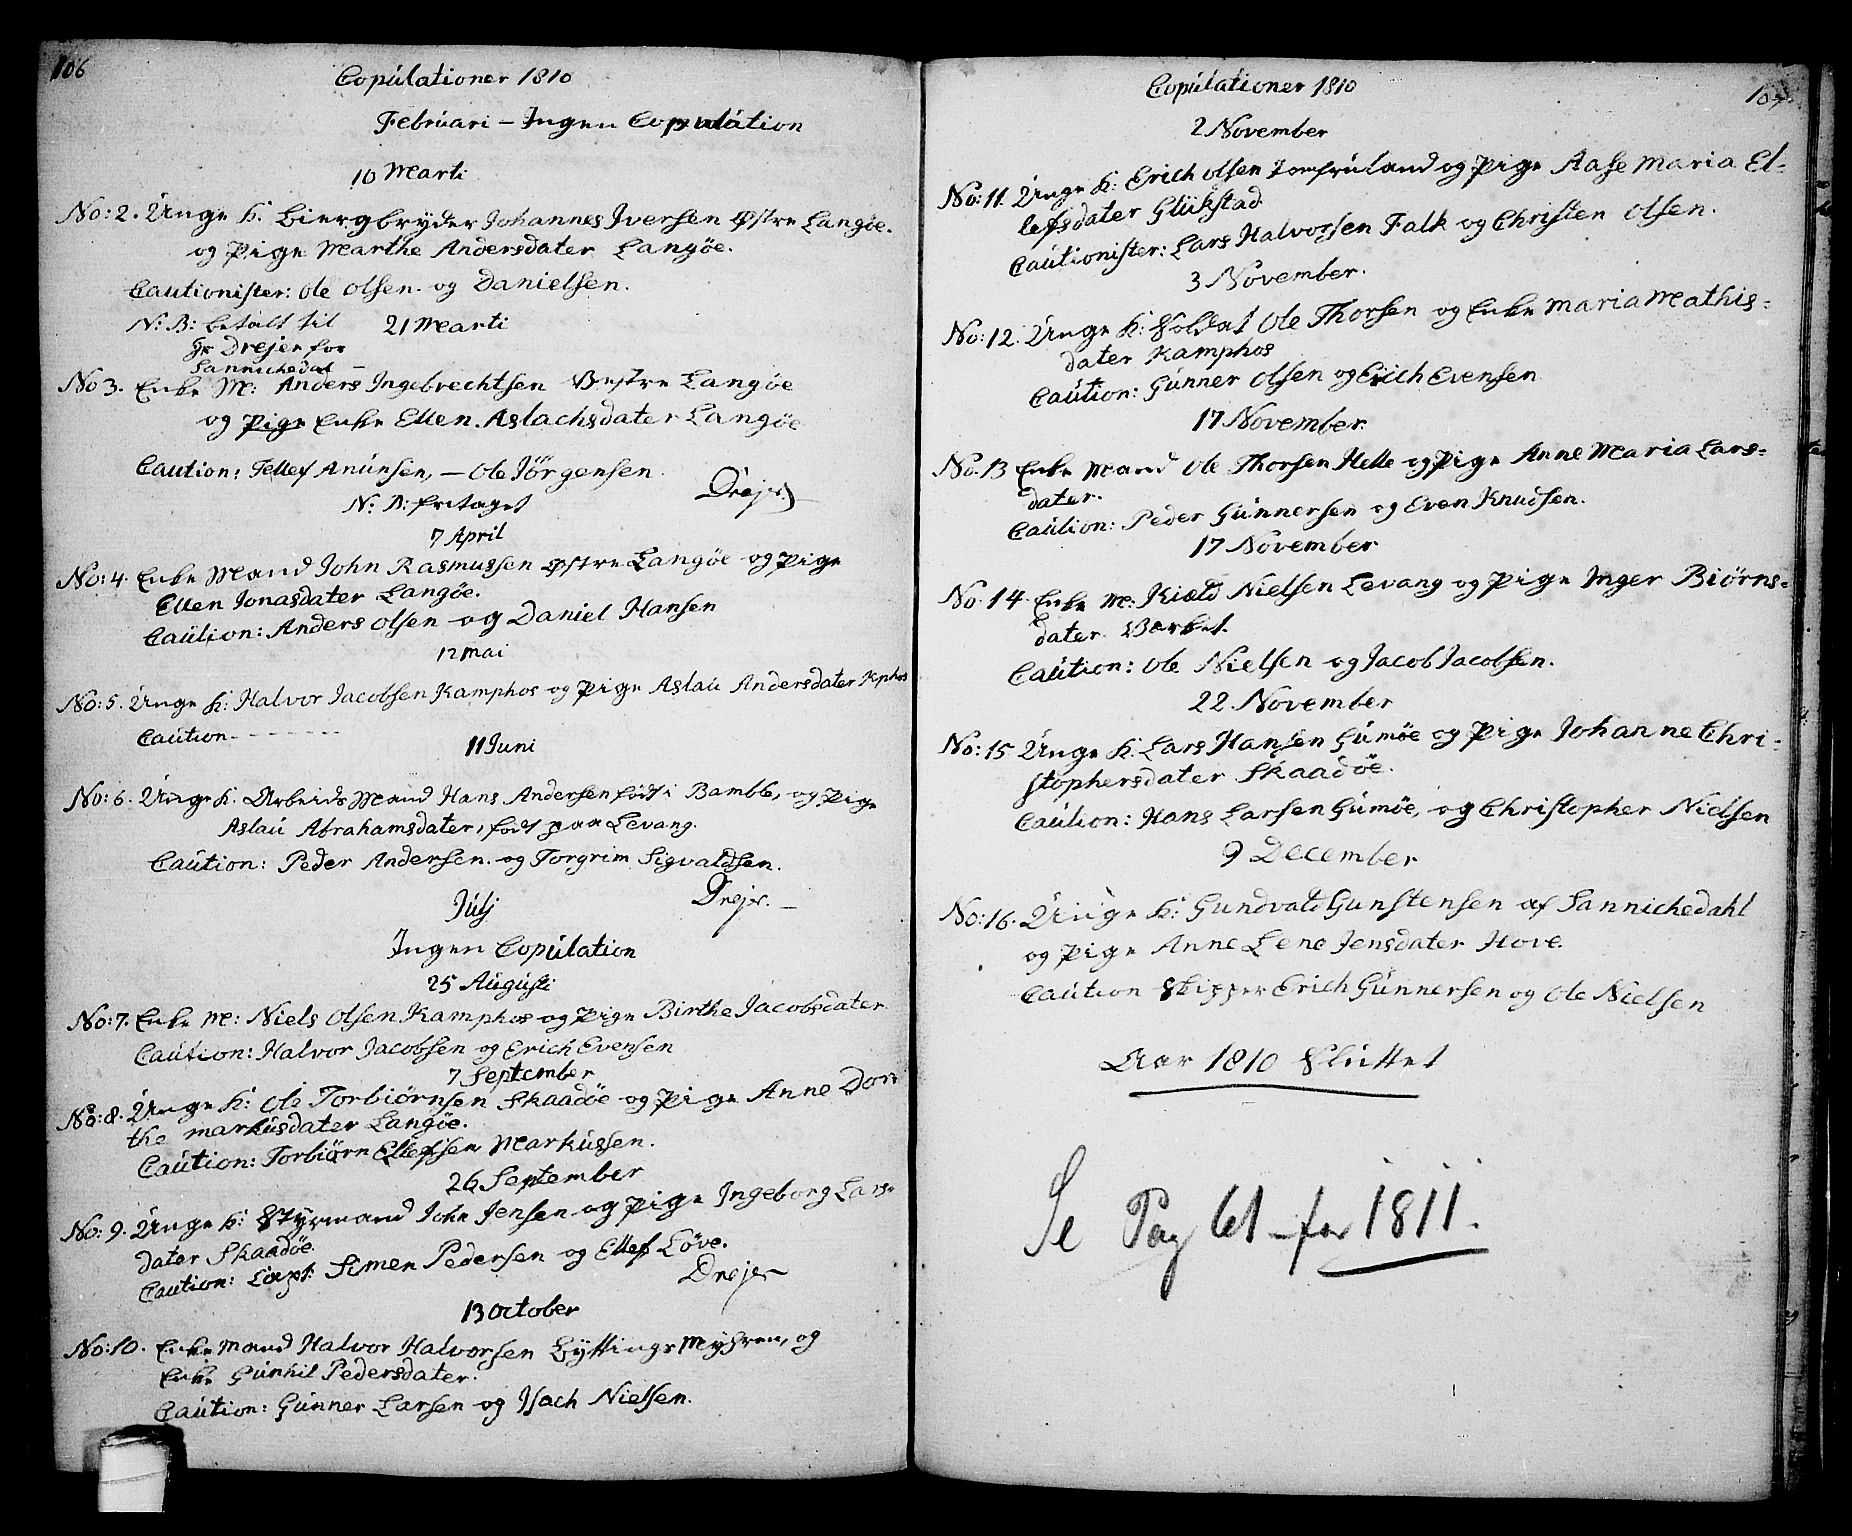 SAKO, Kragerø kirkebøker, G/Ga/L0001: Klokkerbok nr. 1 /2, 1806-1811, s. 106-107